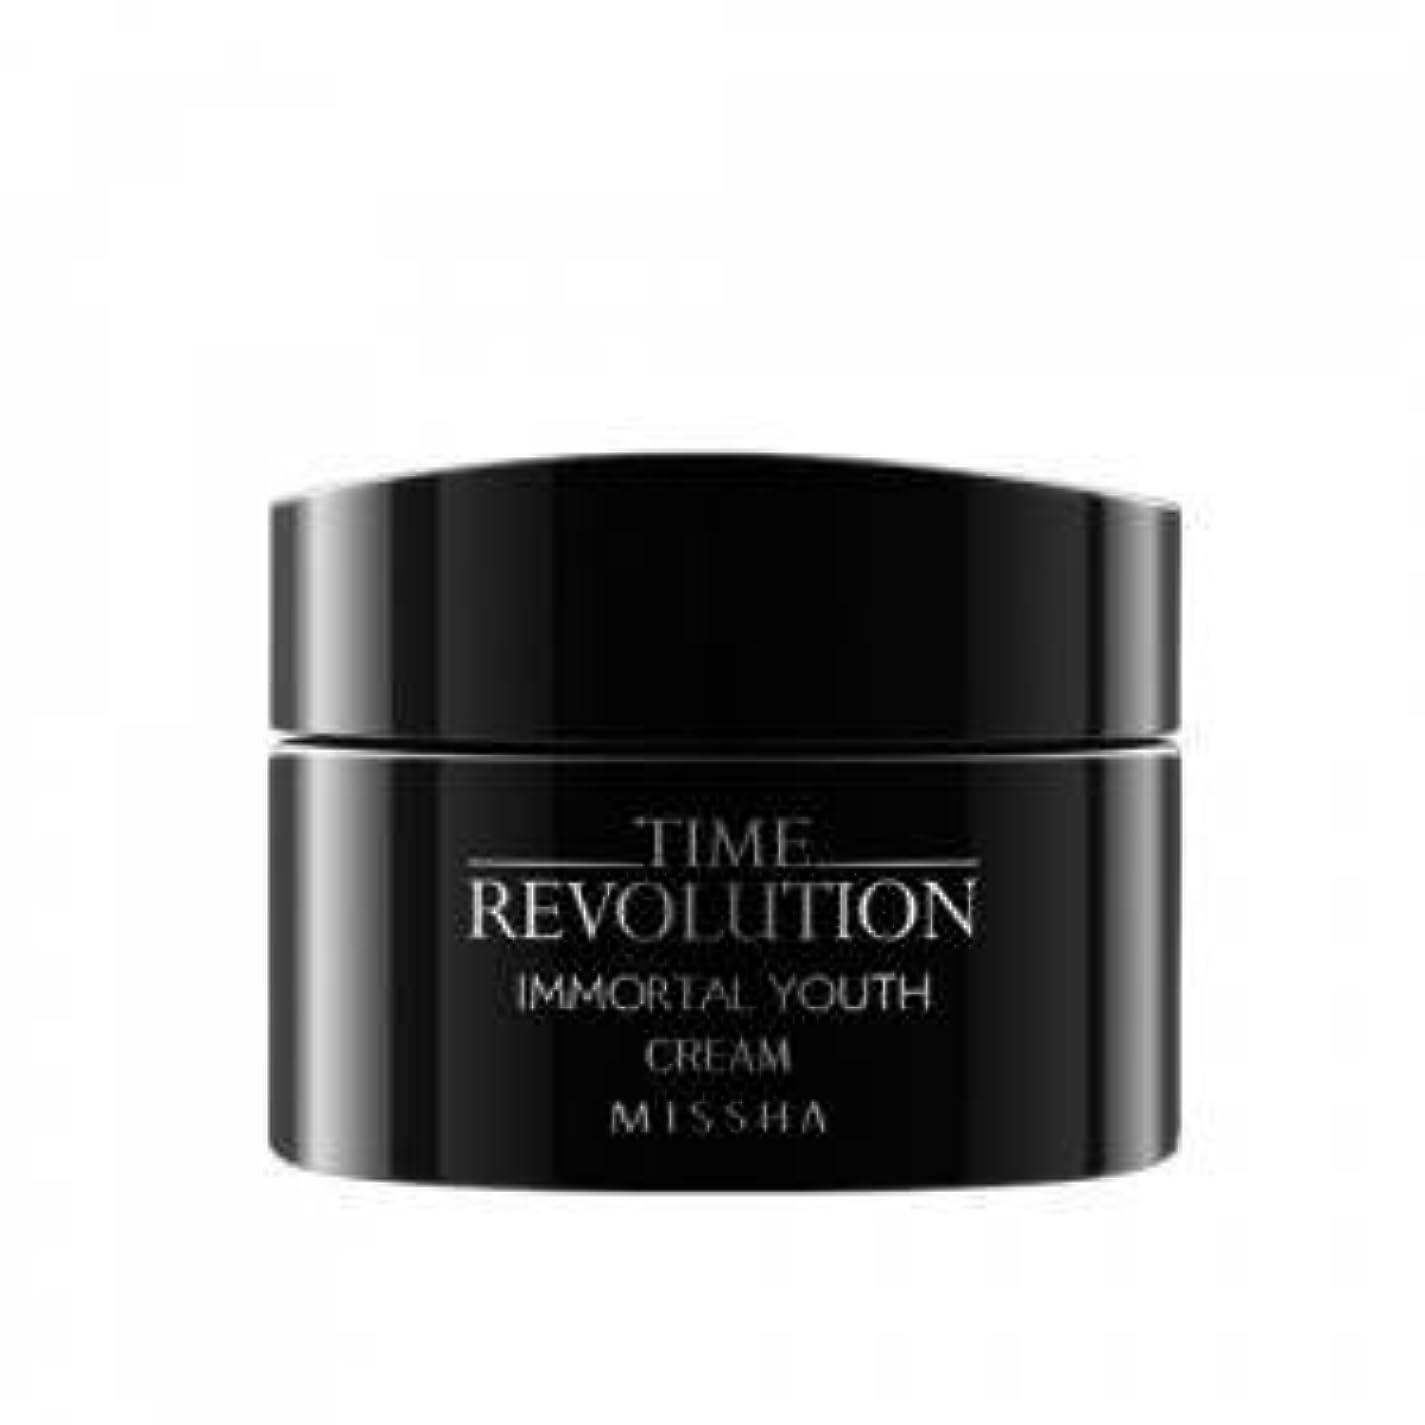 溶融溶けた残る【MISSHA (ミシャ)】 Time Revolution Immortal Youth Cream タイムレボリューション イモータルユース クリーム